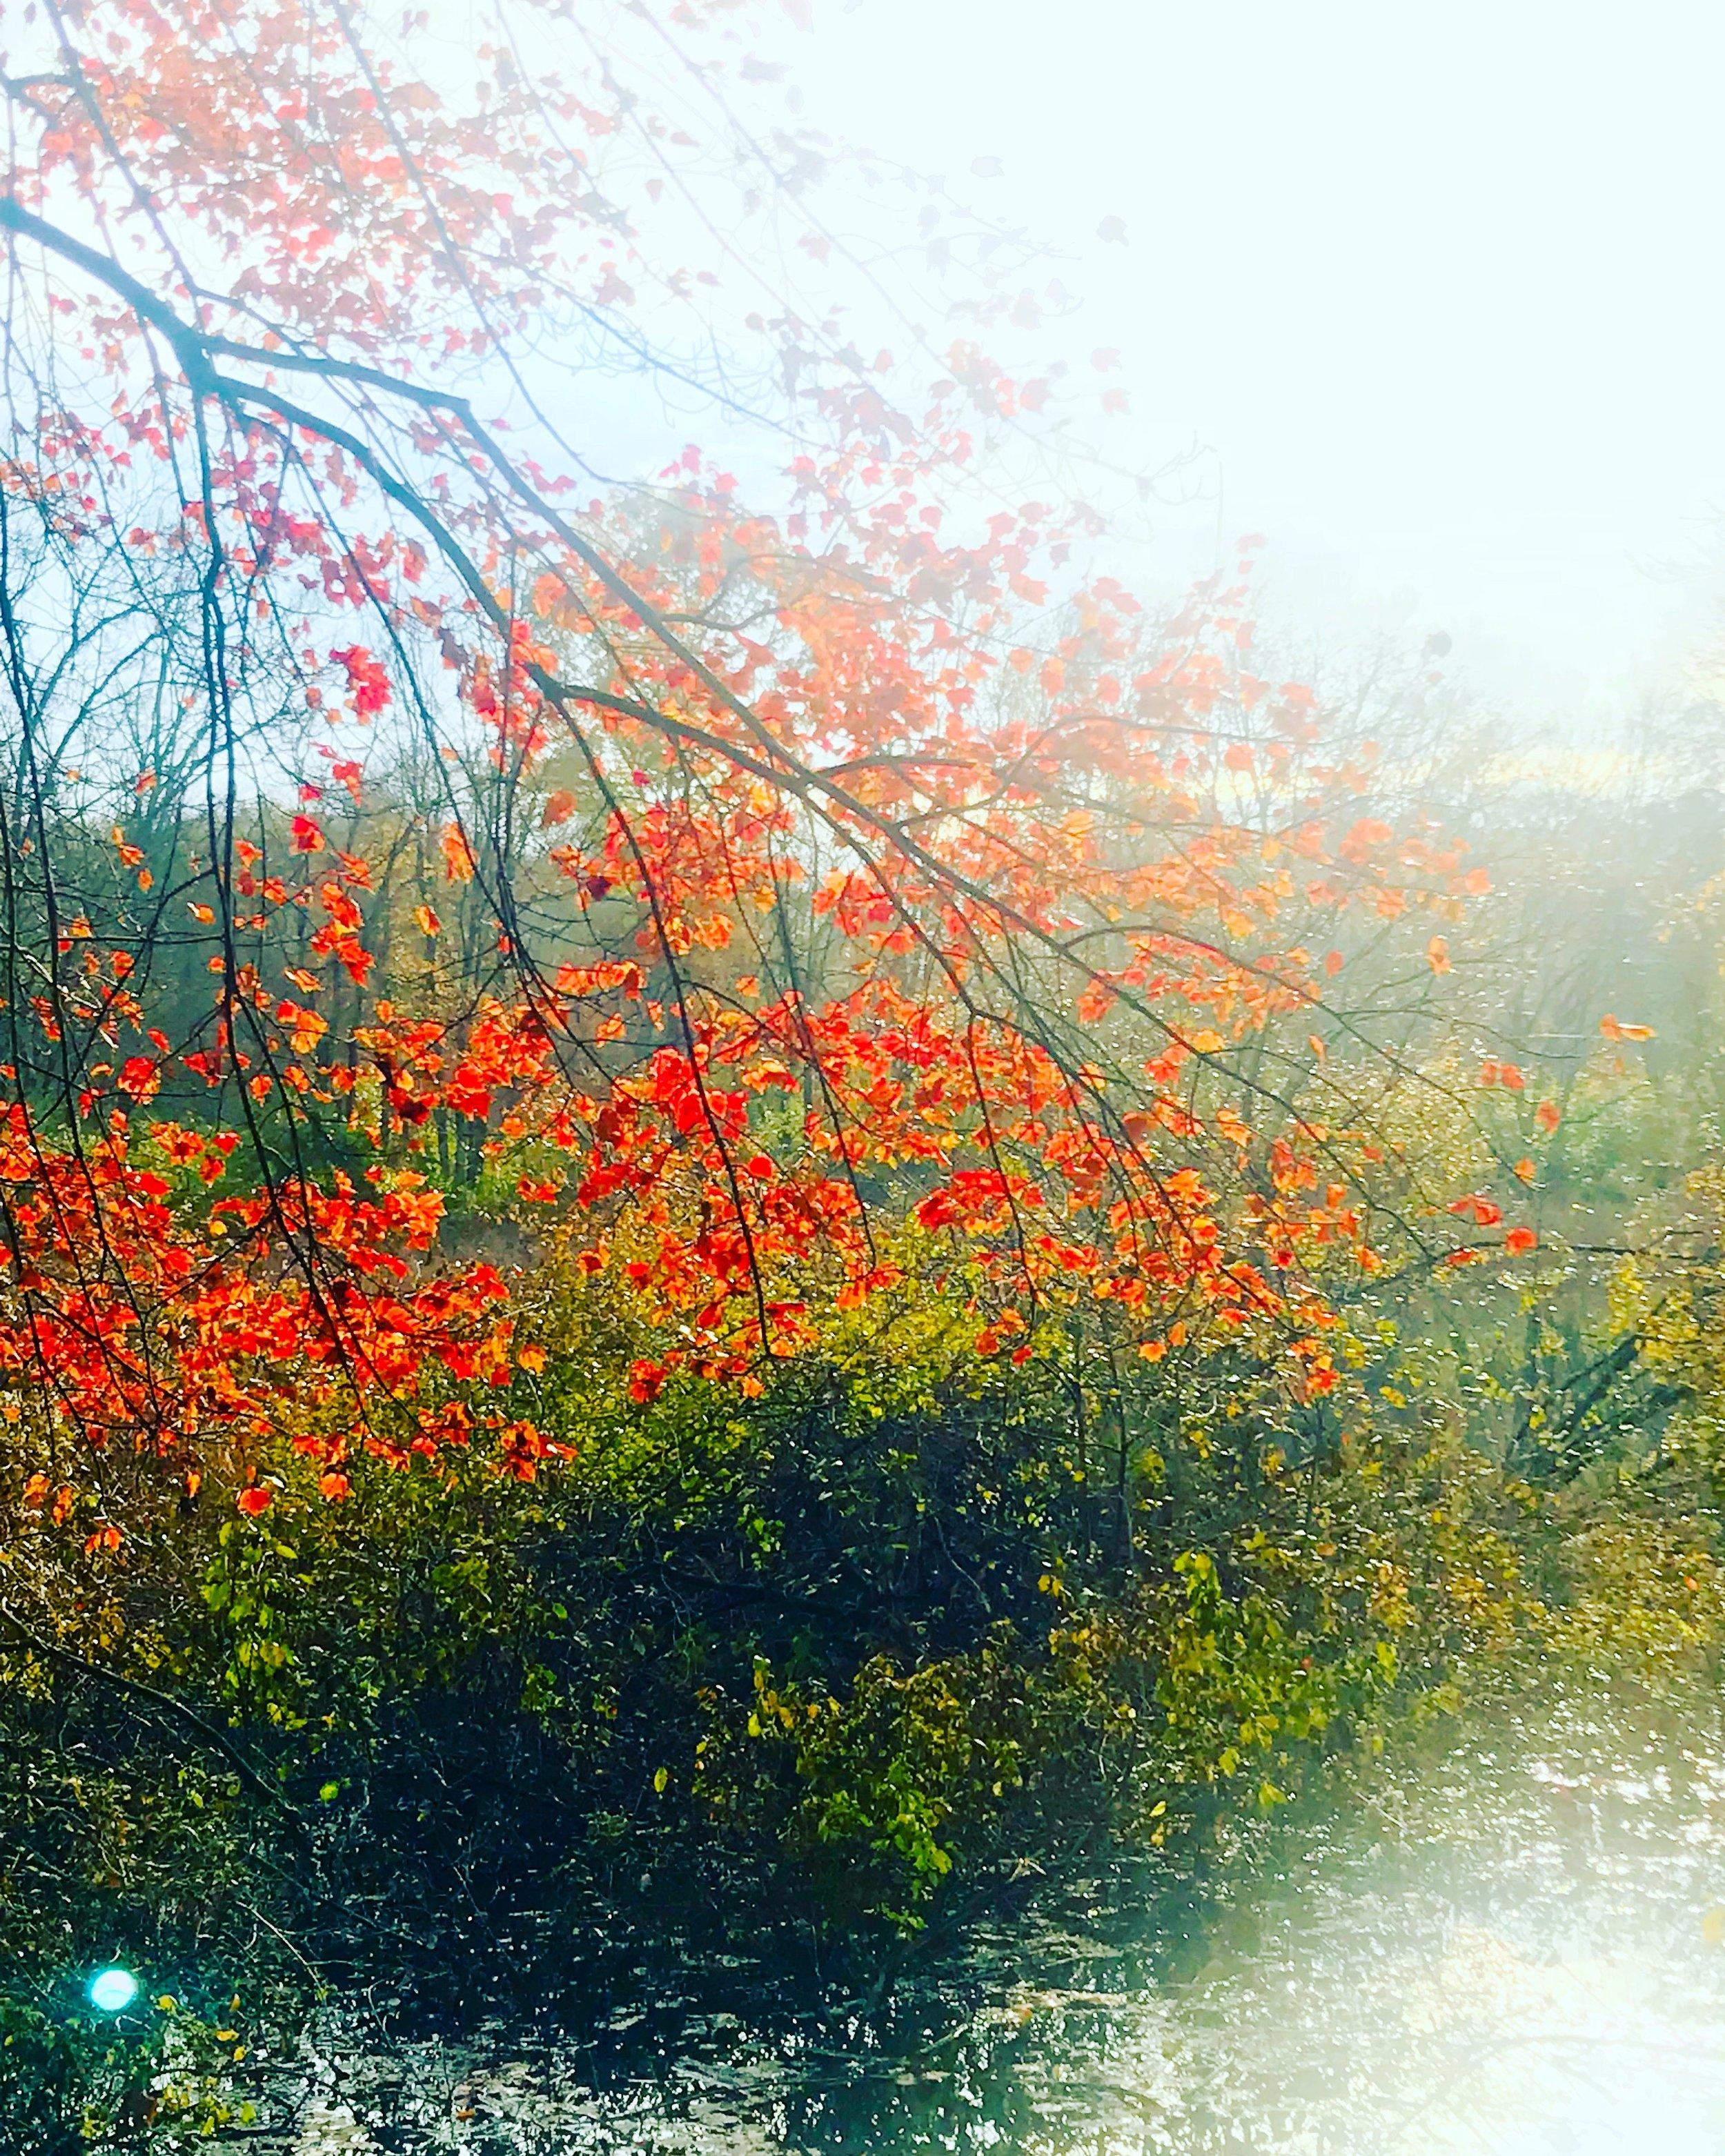 Red River Branch